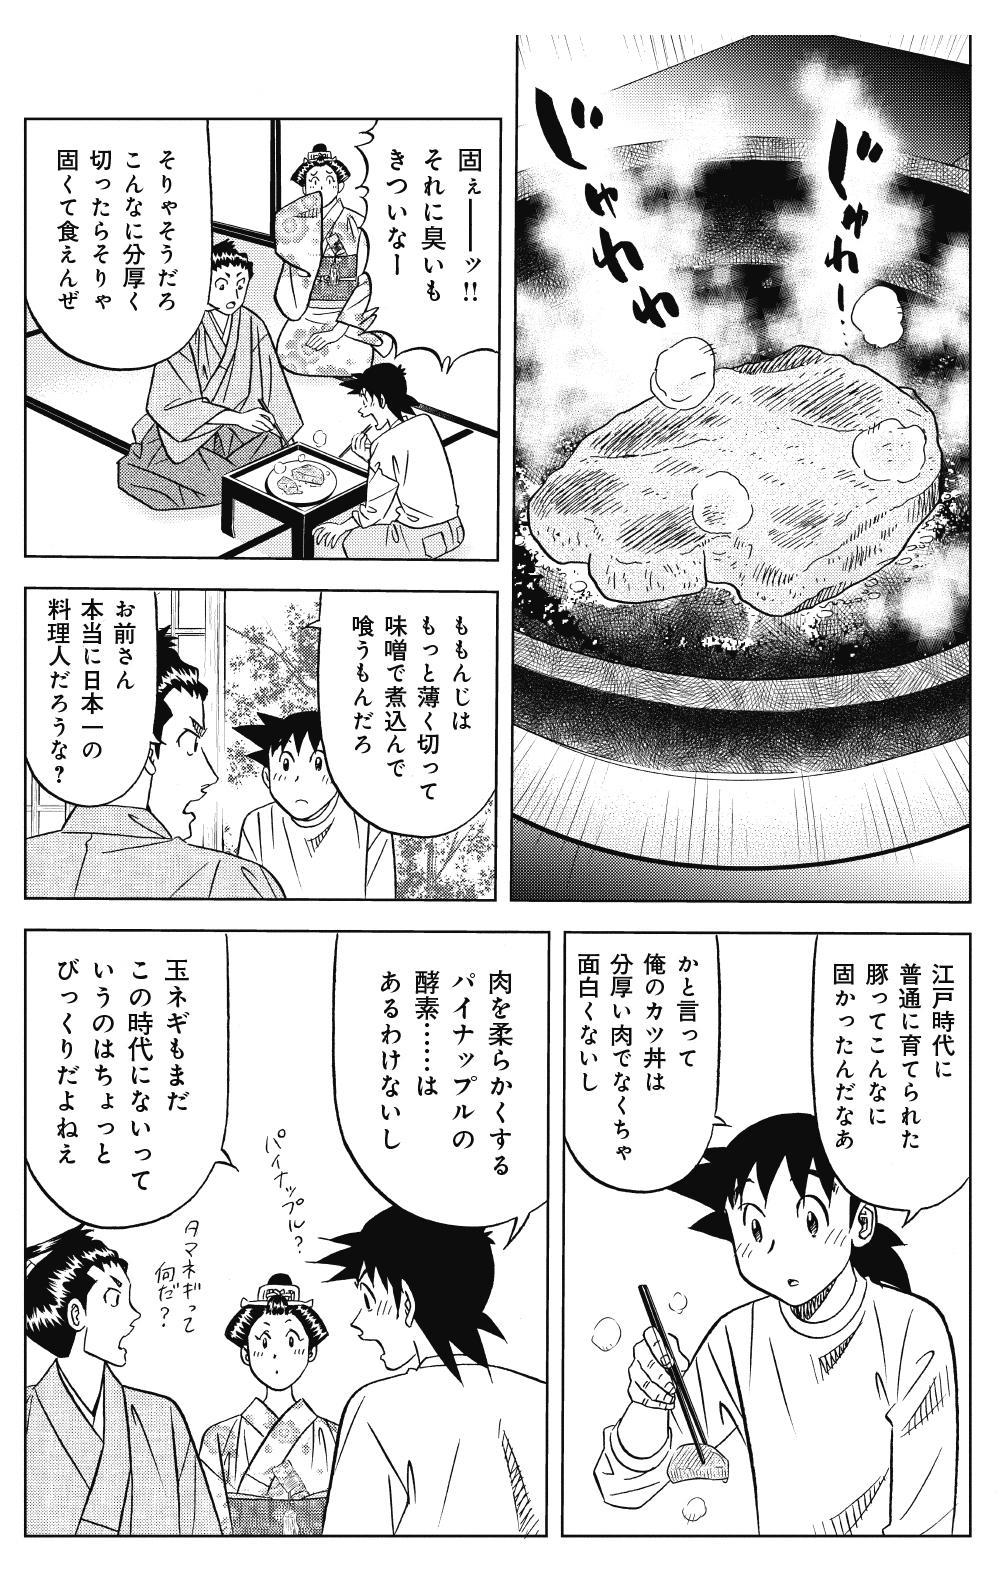 ミスター味っ子 幕末編 第1話「黒船来航」②ajikko23.jpg